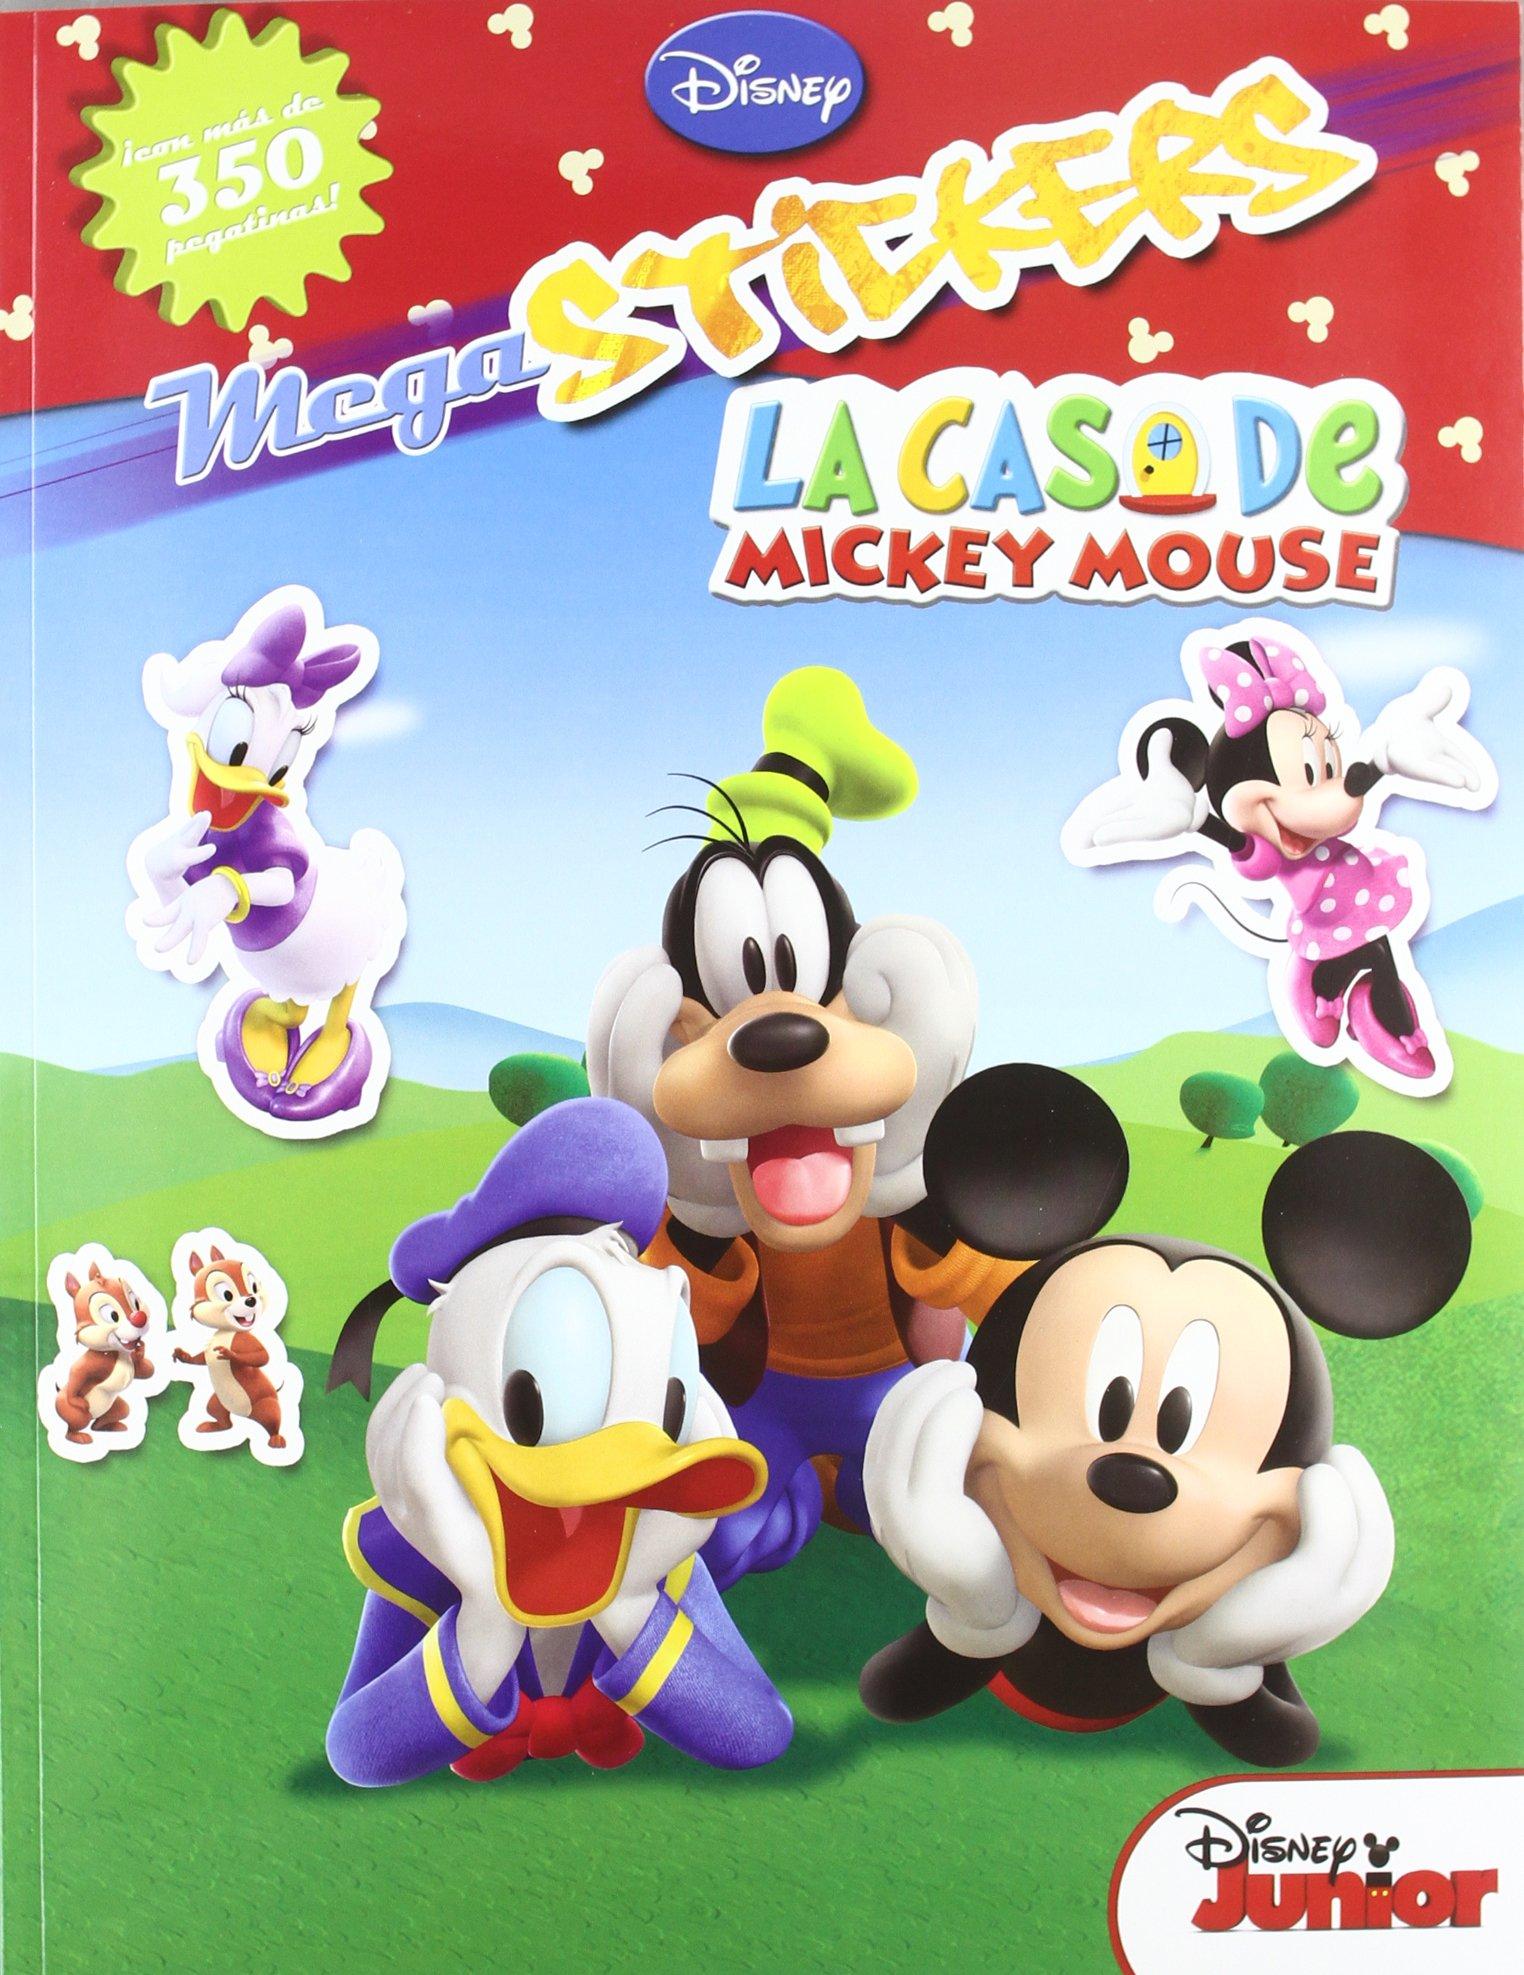 Megastickers - la casa de mickey mouse Mickey disney: Amazon.es: Aa.Vv.: Libros